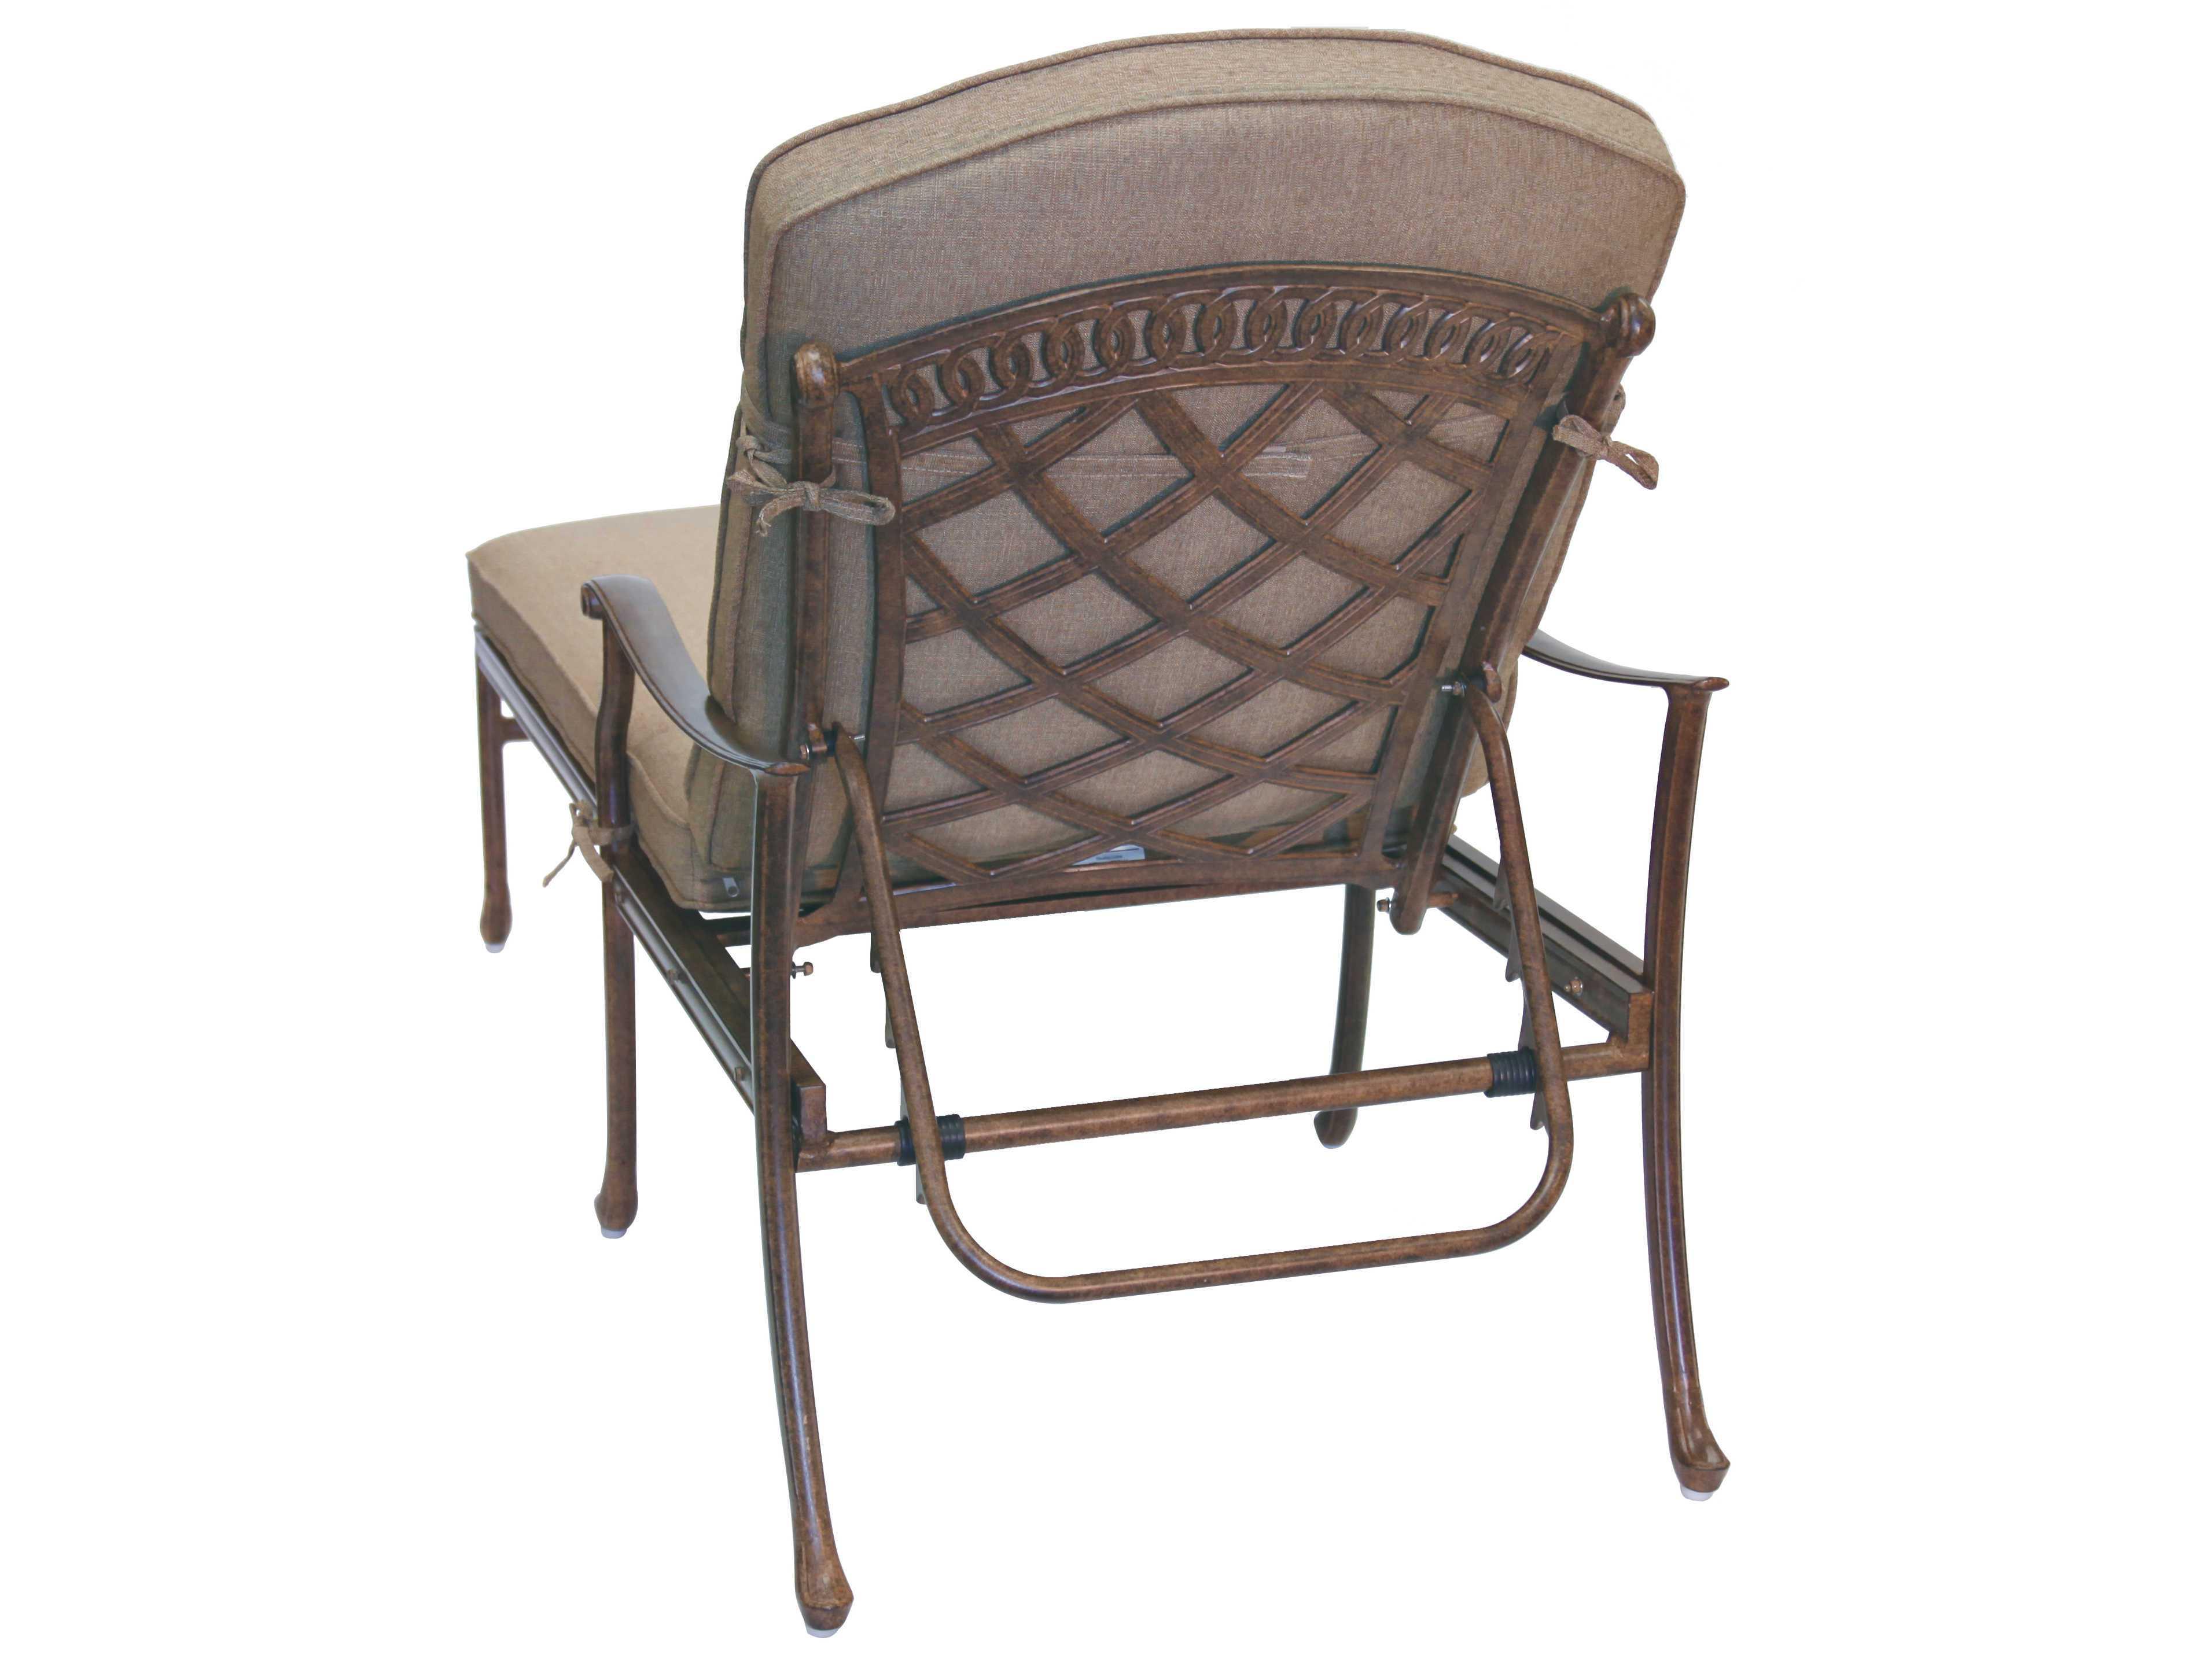 Darlee outdoor living standard sedona cast aluminum chaise for Cast aluminum outdoor chaise lounge